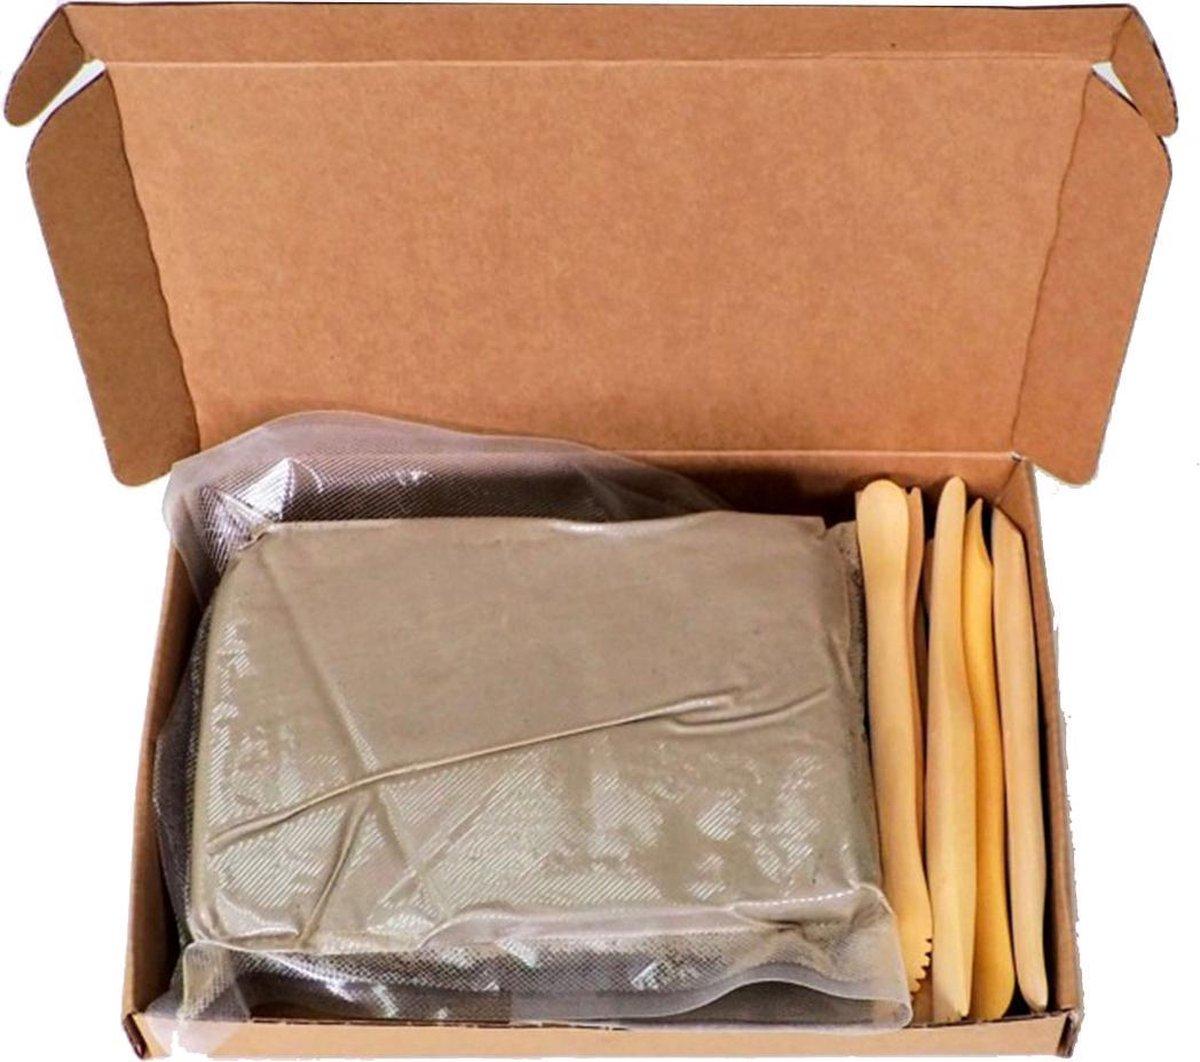 Boetseerklei set echte klei - 1kg klei met 12 spatels